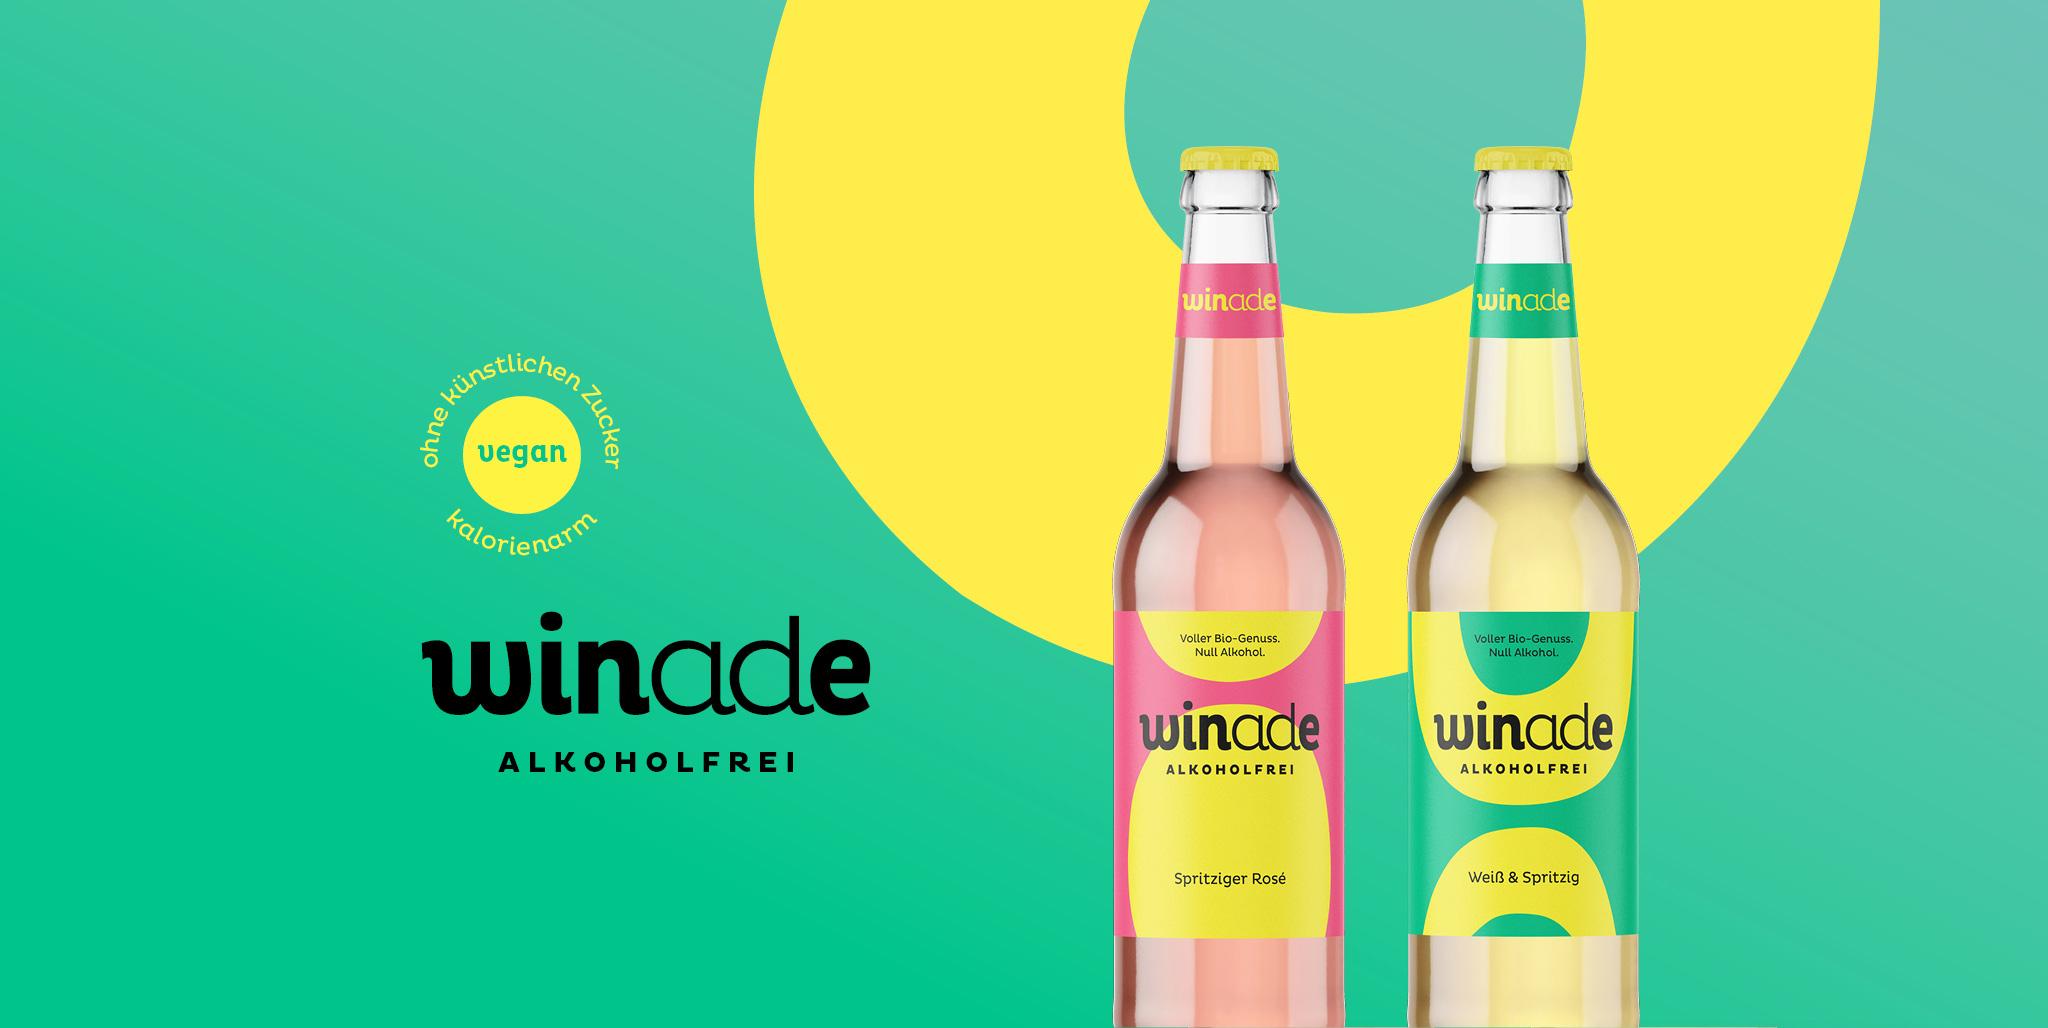 Winade Markenentwicklung: Verpackungsdesign der Flaschen